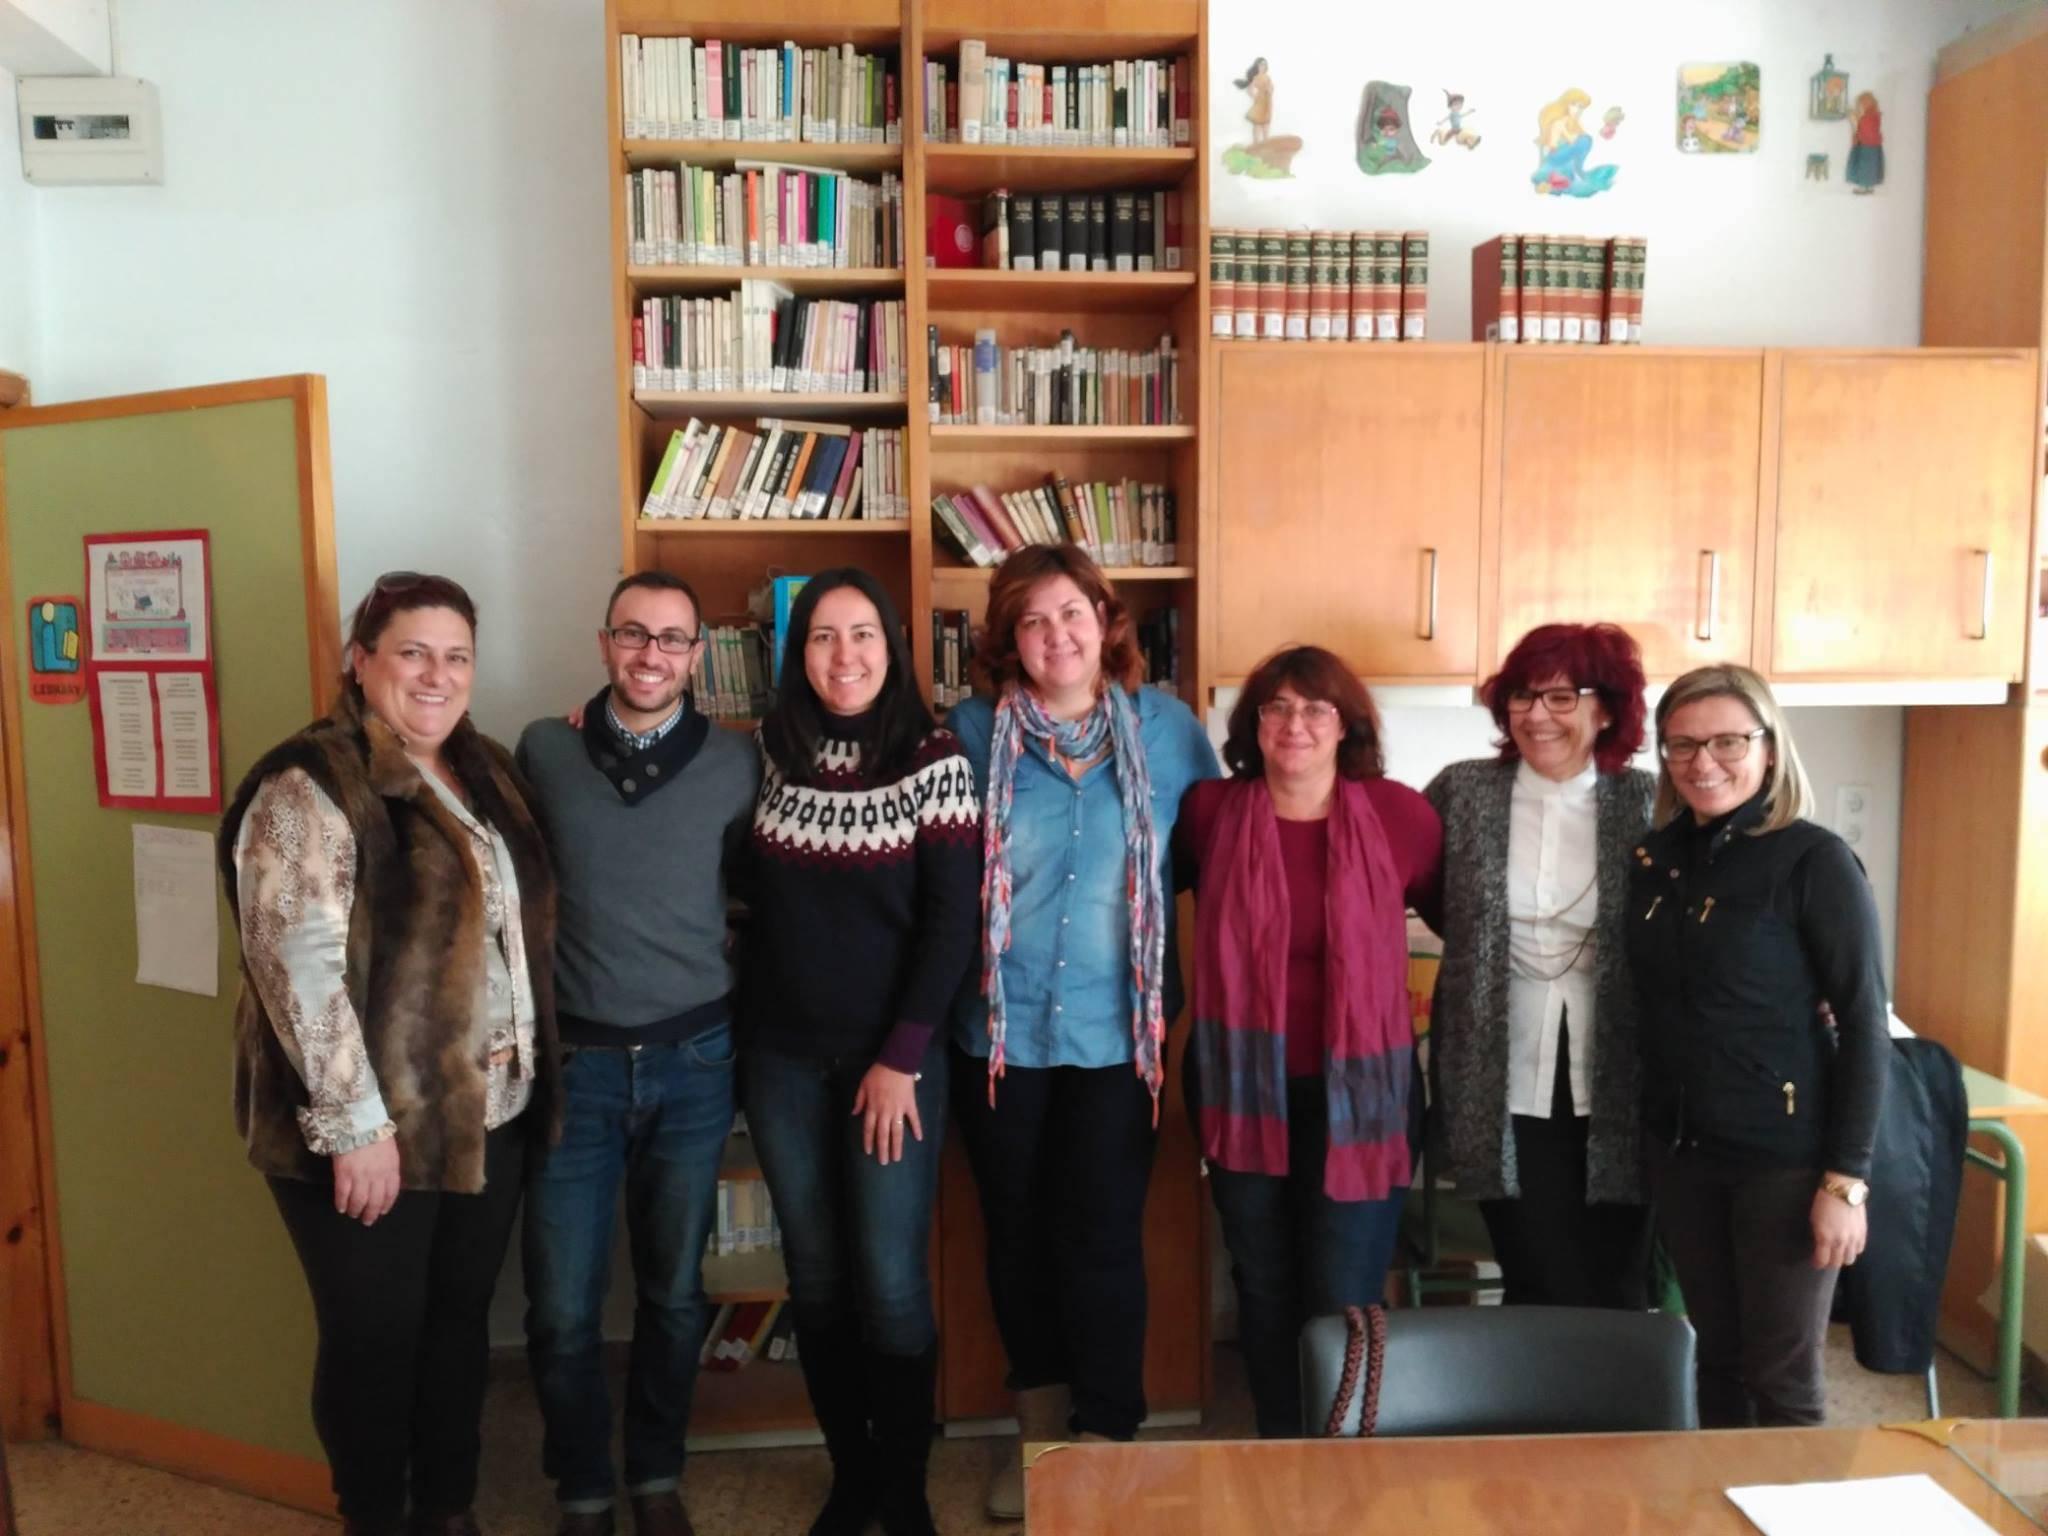 jurado del concurso de dibujos y esloganes - Concurso de dibujos y/o eslóganes contra la violencia de género del CEIP Carrasco Alcalde